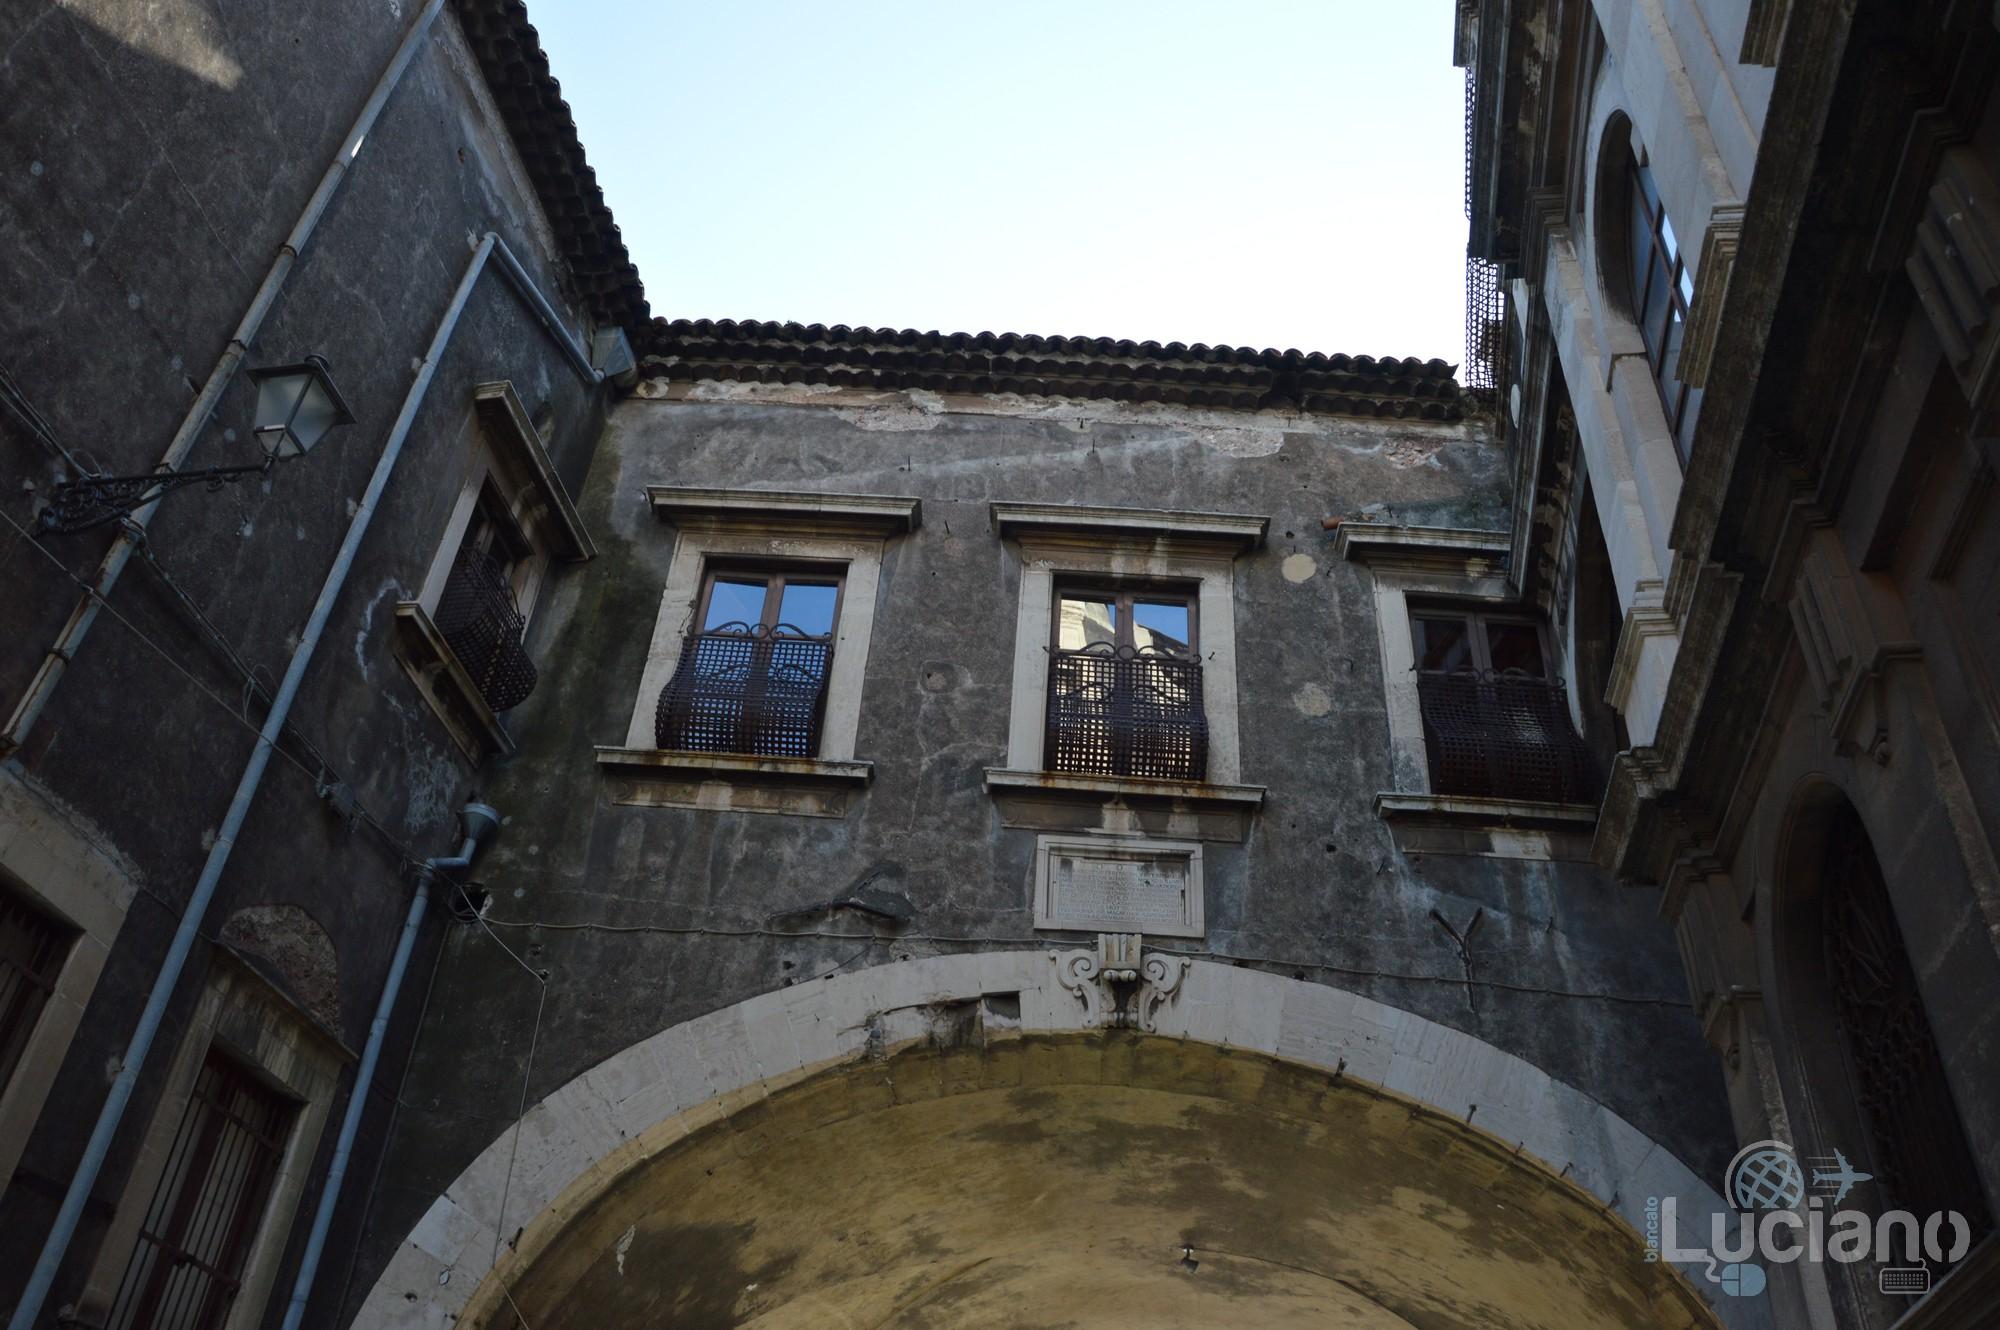 Arco di San Benedetto, durante i festeggiamenti per Sant'Agata 2019 - Catania (CT)